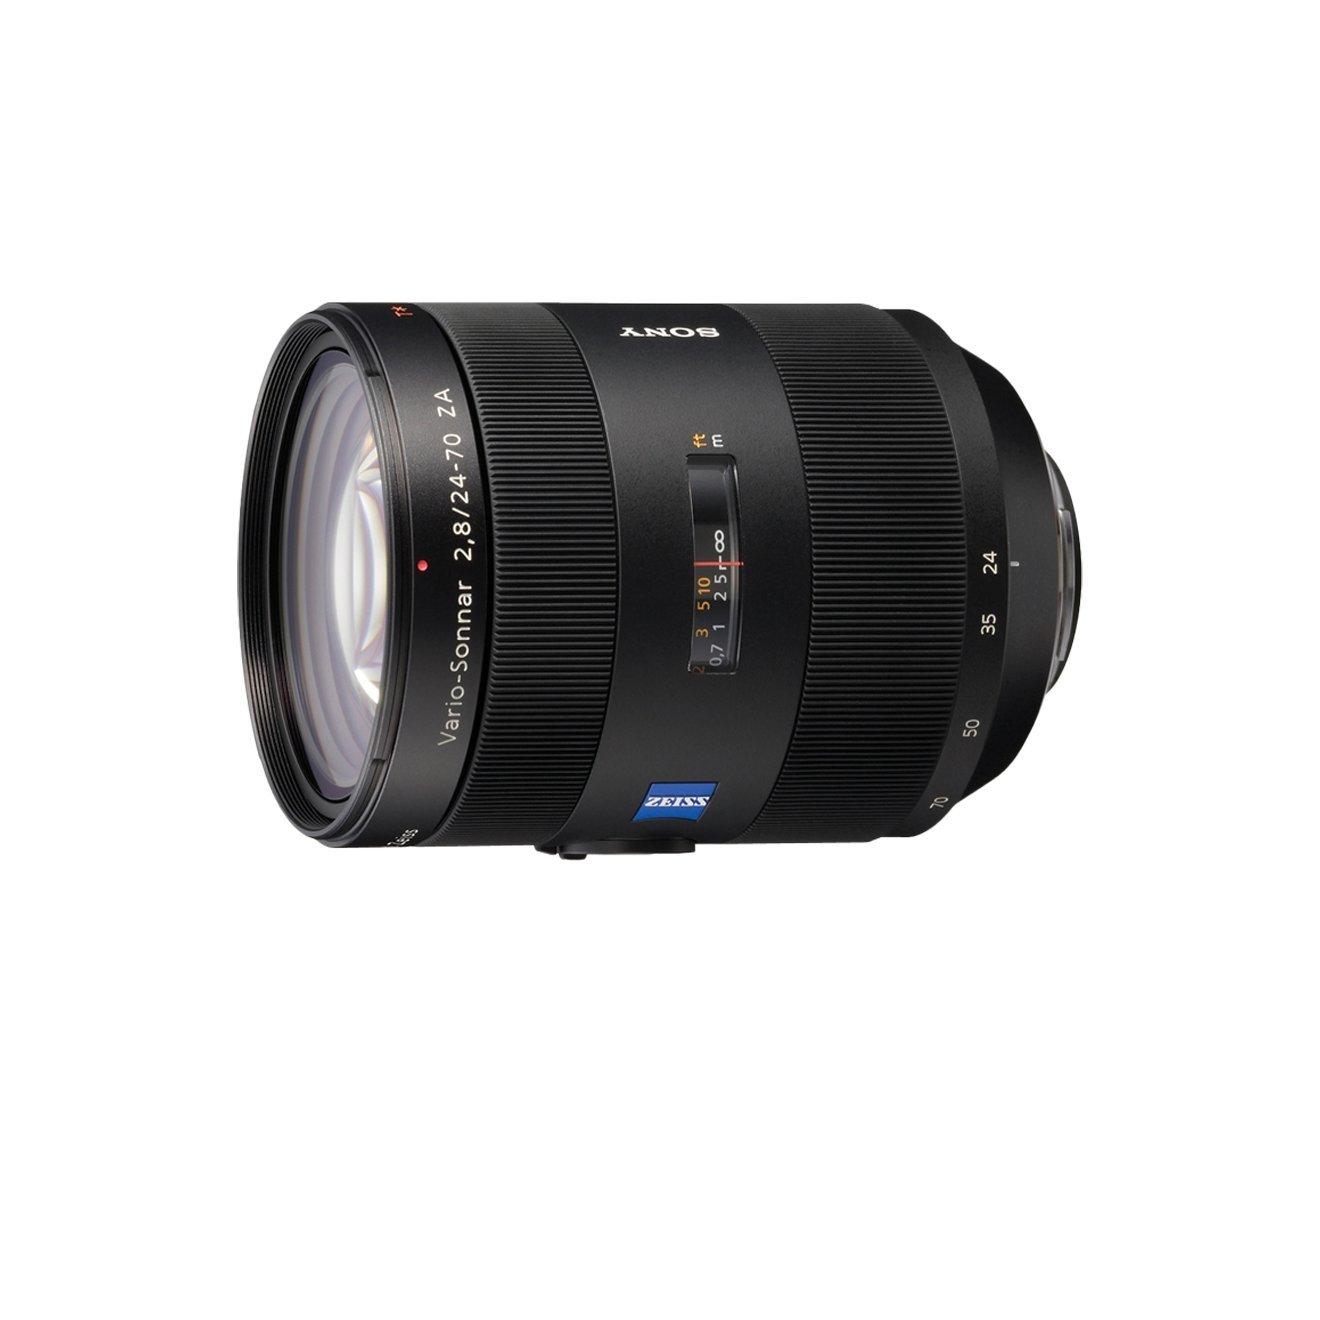 Sony SALZ Objetivo para Sony distancia focal mm apertura f  negro